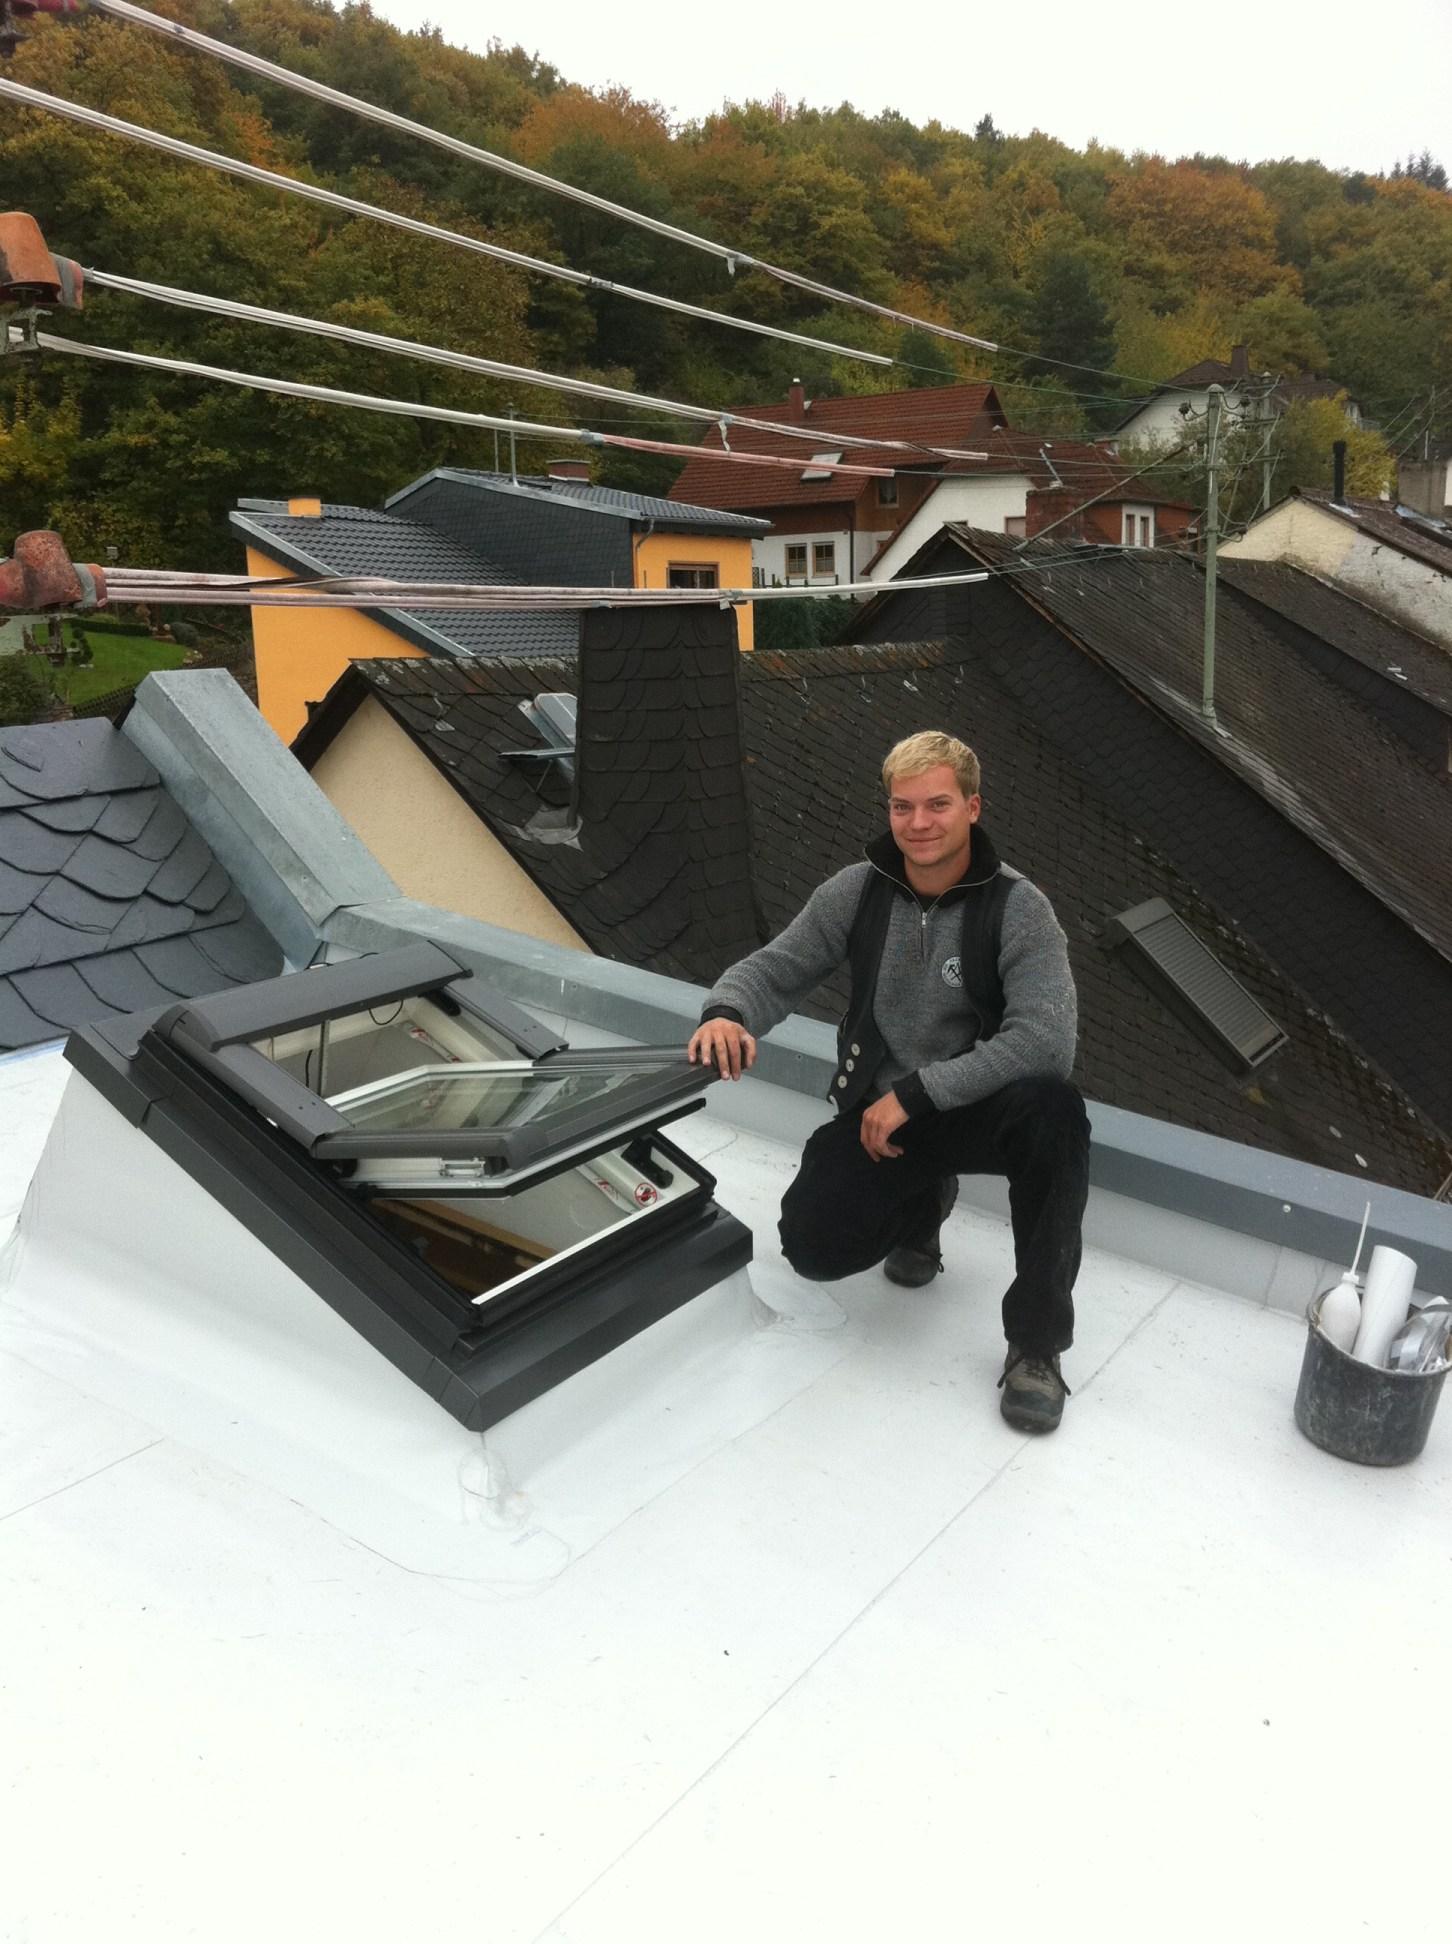 angebote zu dachdeckereien in appenheim. Black Bedroom Furniture Sets. Home Design Ideas